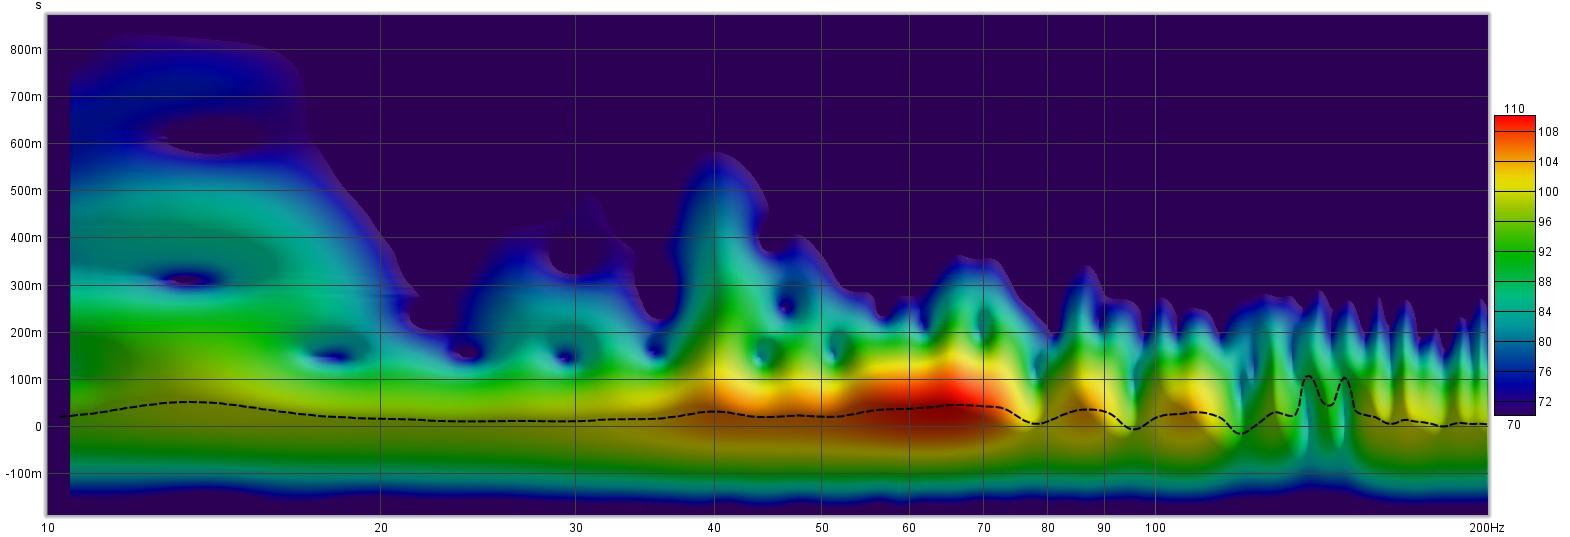 speakers 1 - 10-200hz spectrogram.jpg